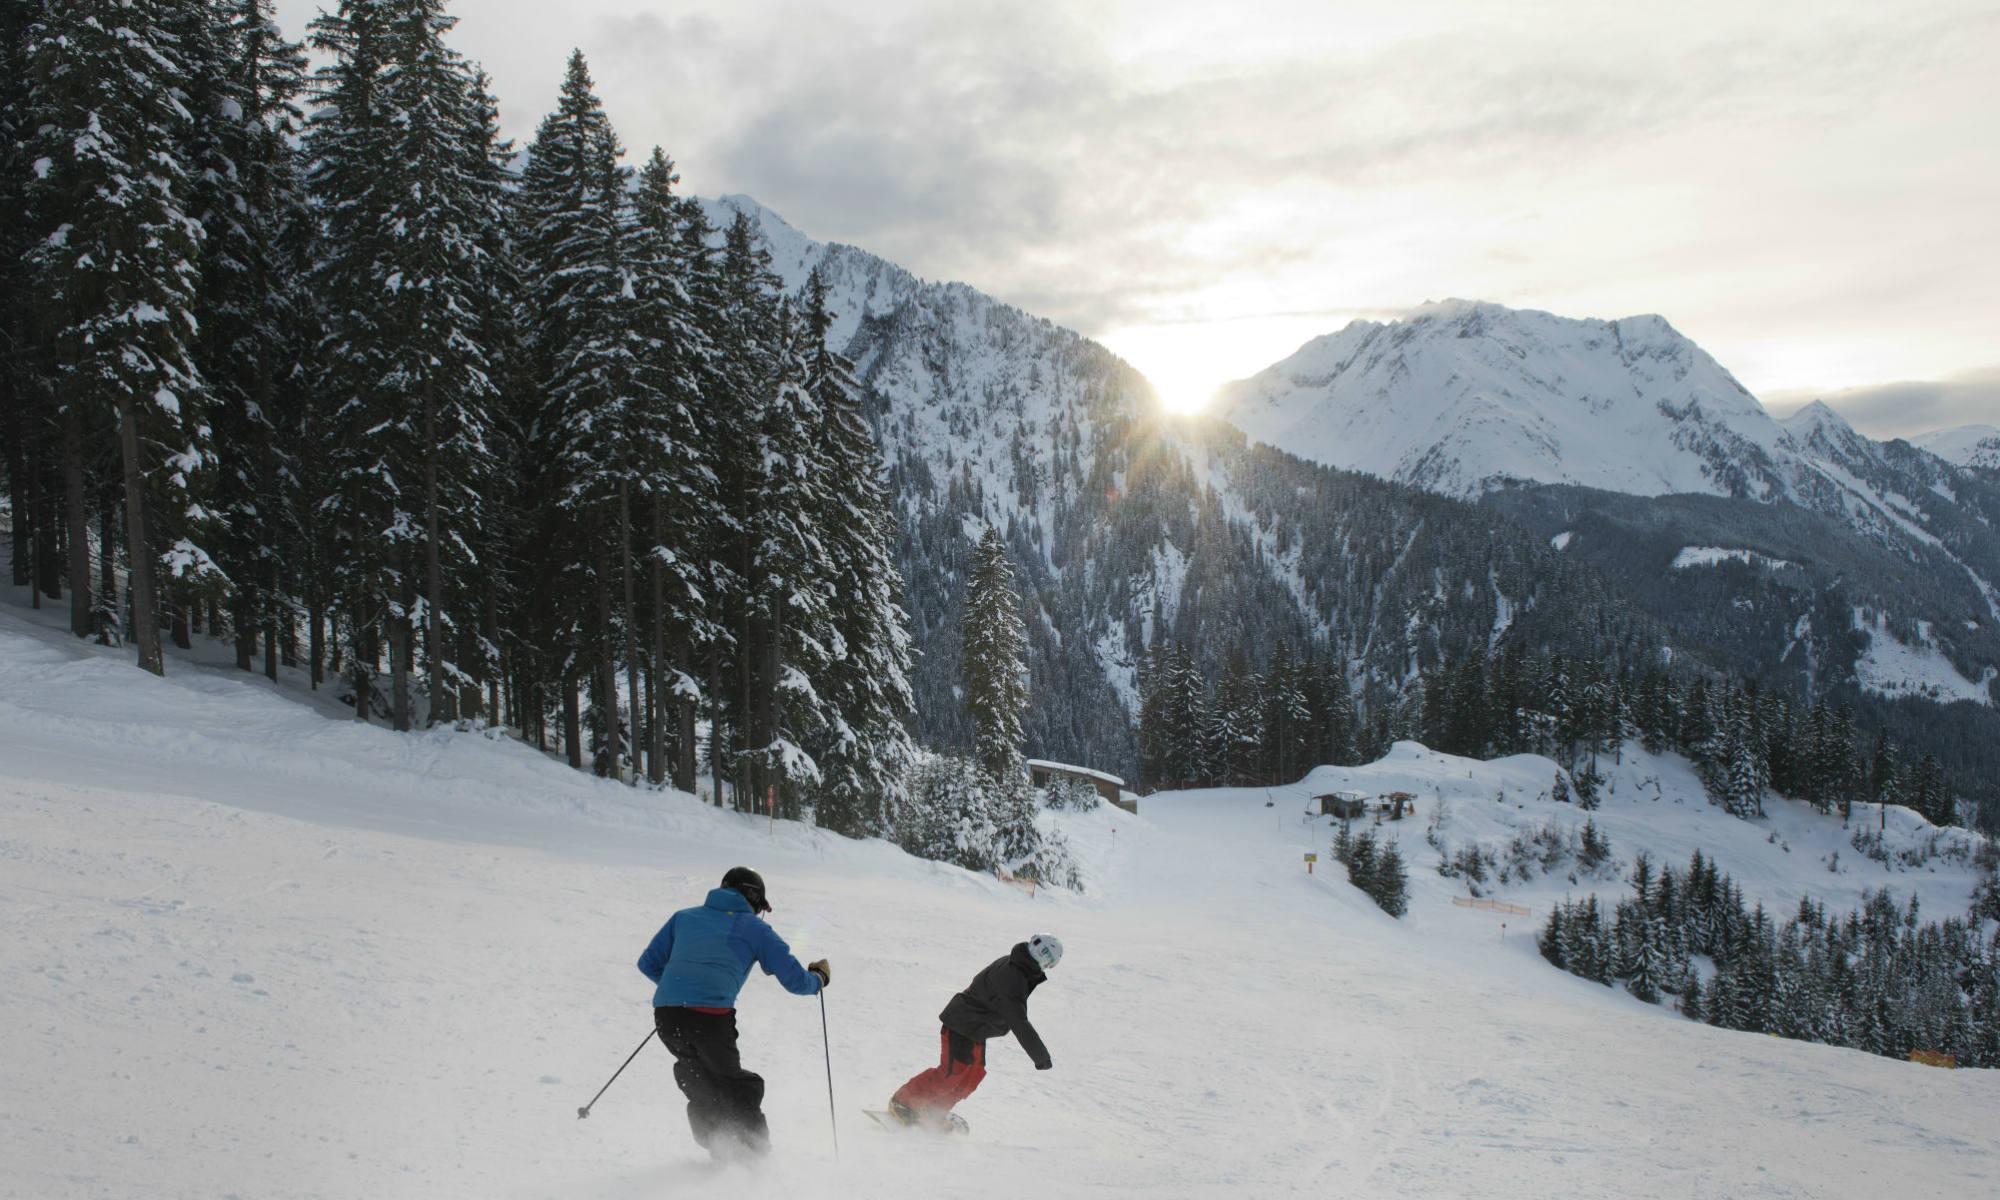 Uno sciatore e uno snowboardista affrontano le piste del comprensorio sciistico a Mayrhofen.